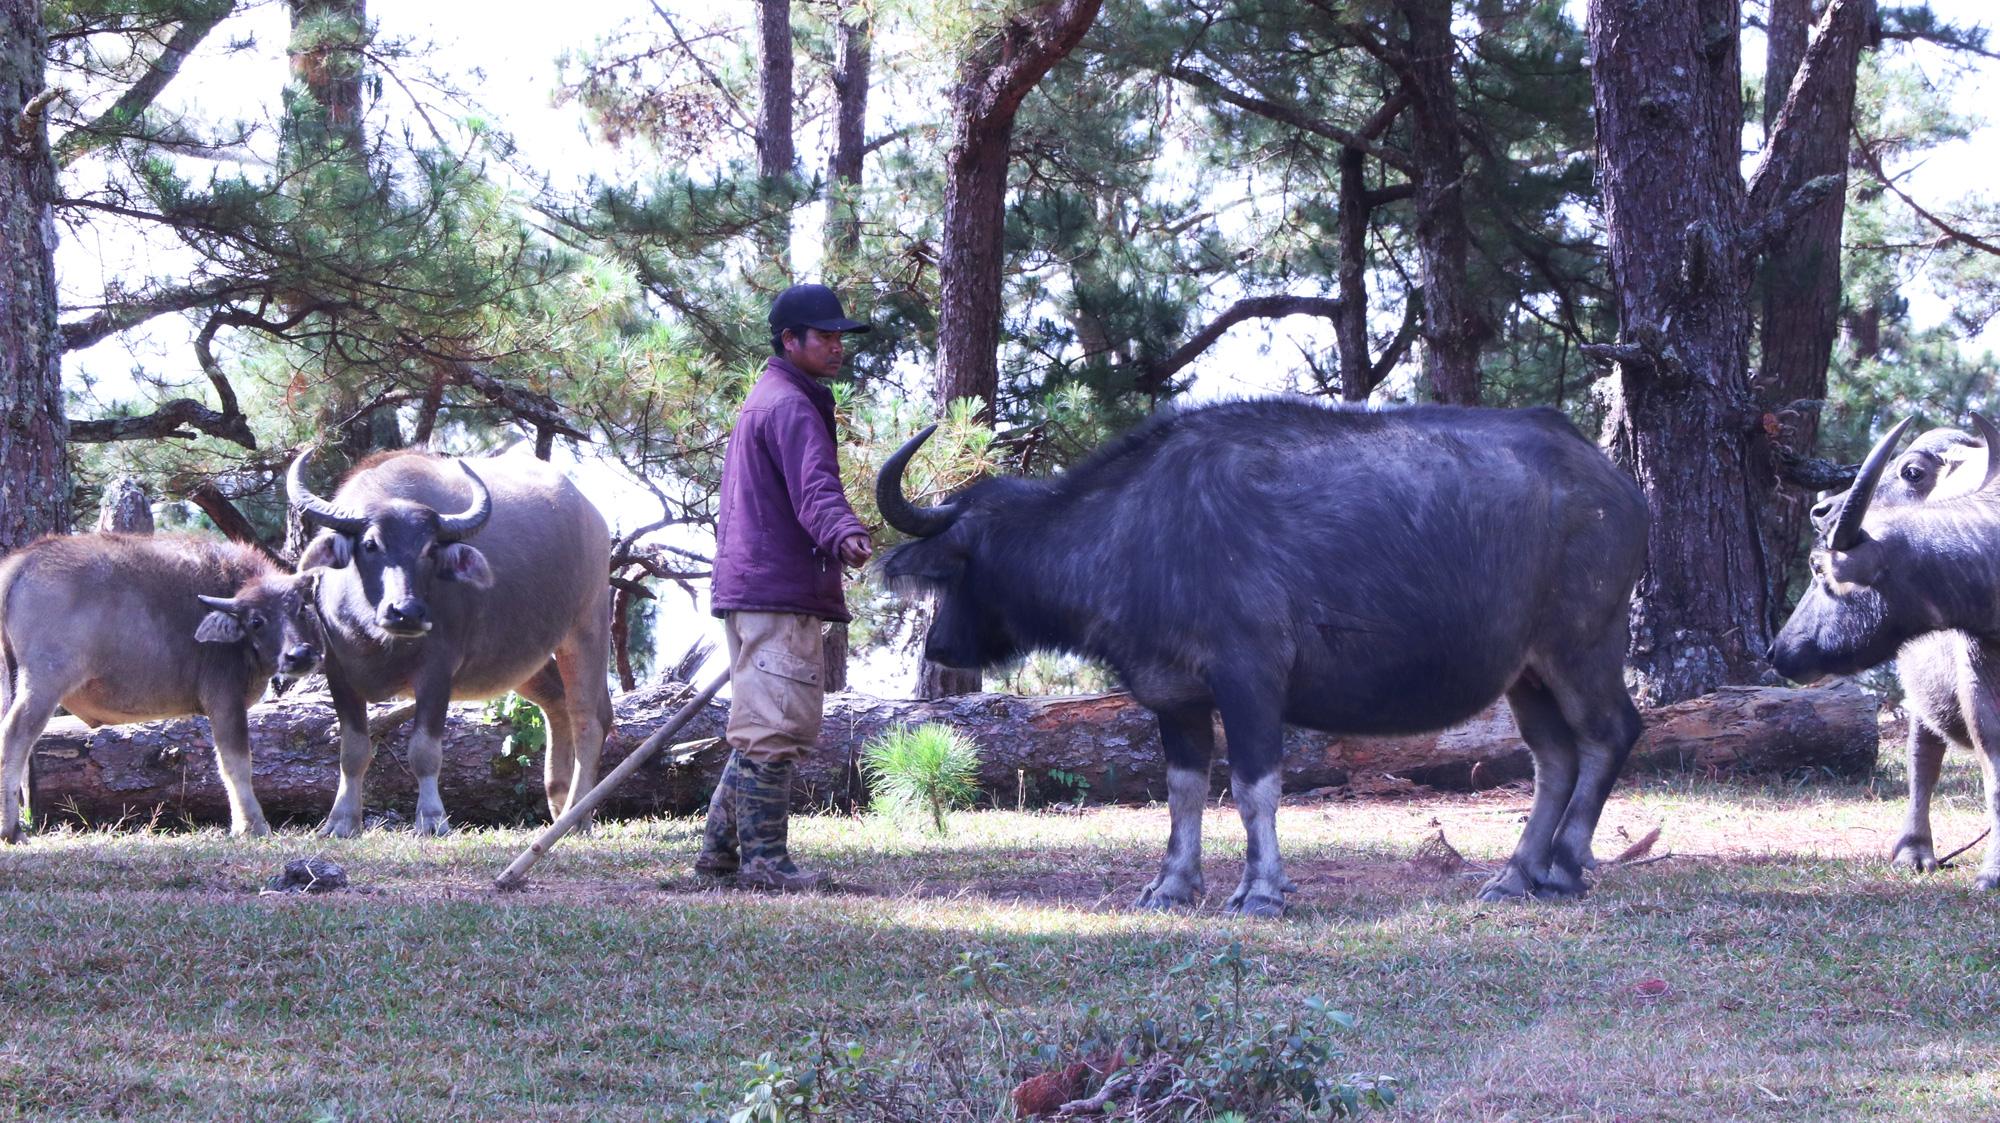 Kỳ lạ: Chàng trai thả đàn trâu hàng trăm triệu vào rừng, cả tuần mới vào thăm - Ảnh 3.